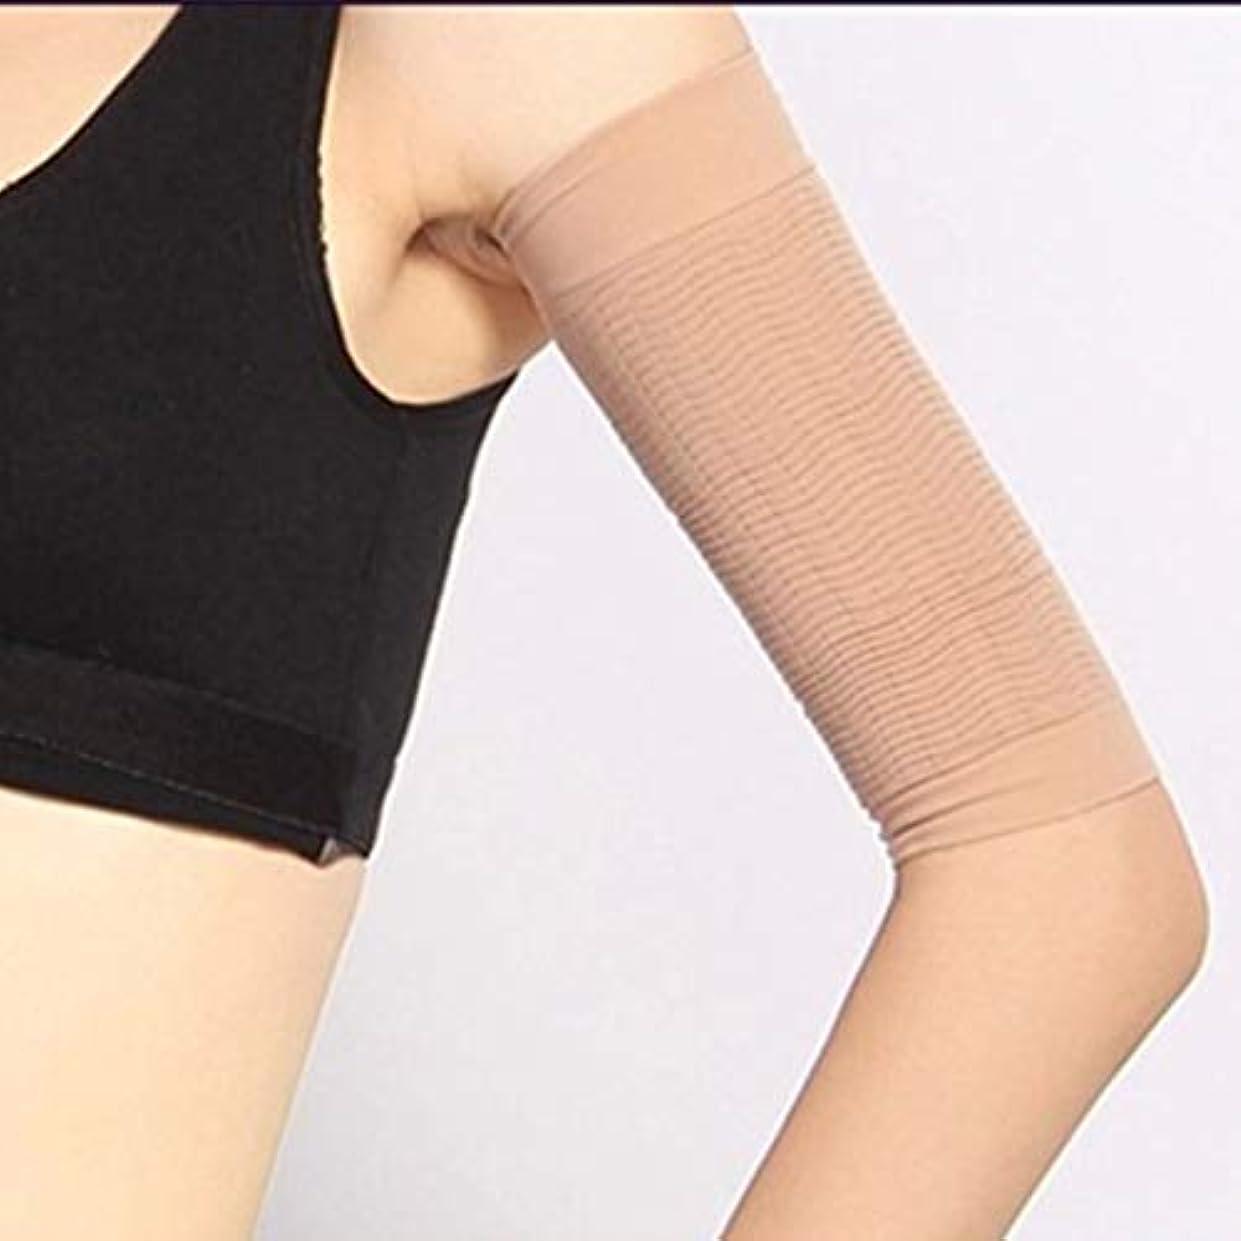 消去メールアセンブリ1ペア420 D圧縮痩身アームスリーブワークアウトトーニングバーンセルライトシェイパー脂肪燃焼袖用女性 - 肌色